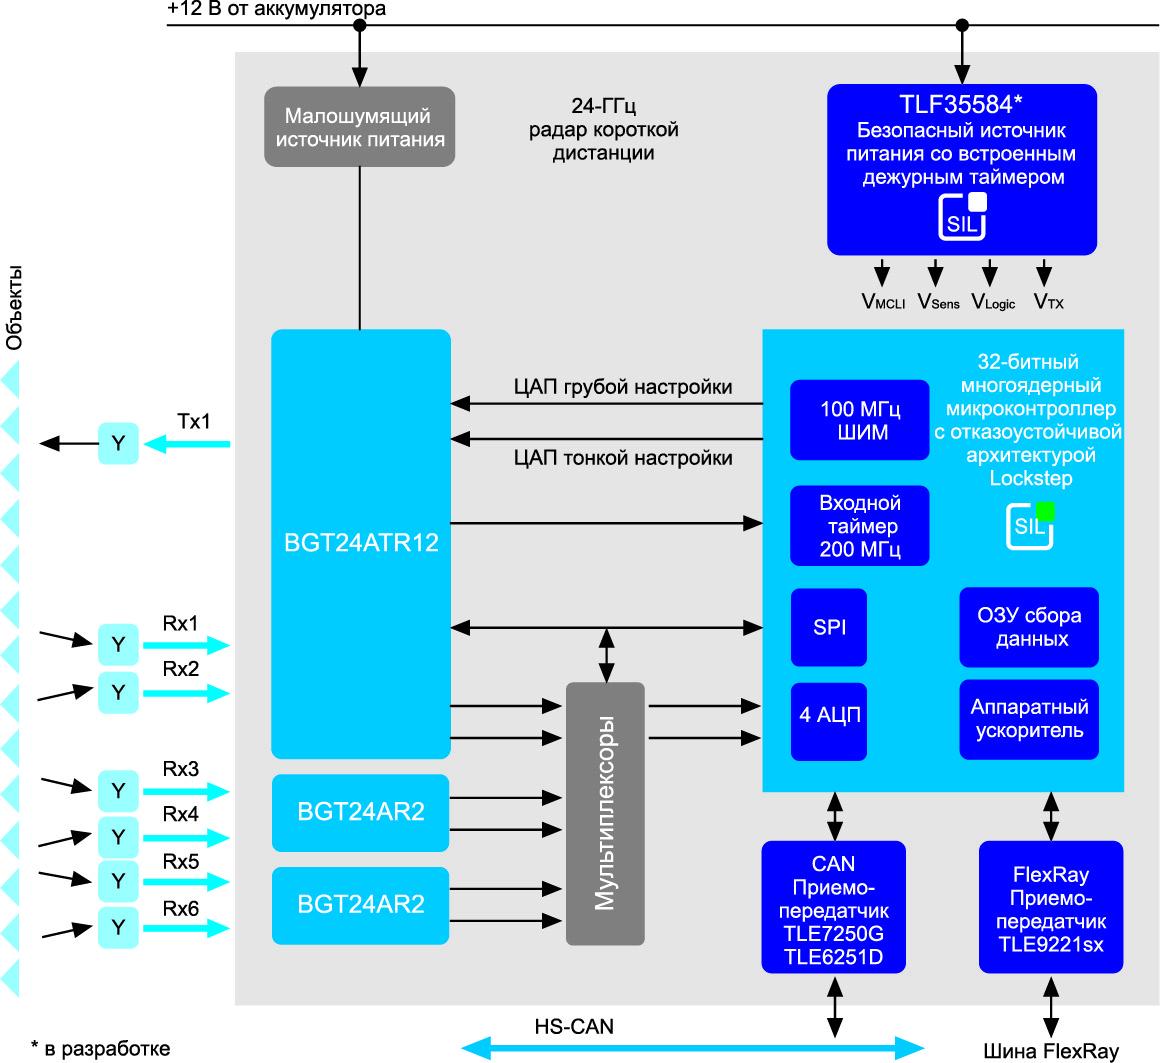 Блок-схема радарной системы с разнесенными антеннами и вспомогательными микросхемами BGT24MR2